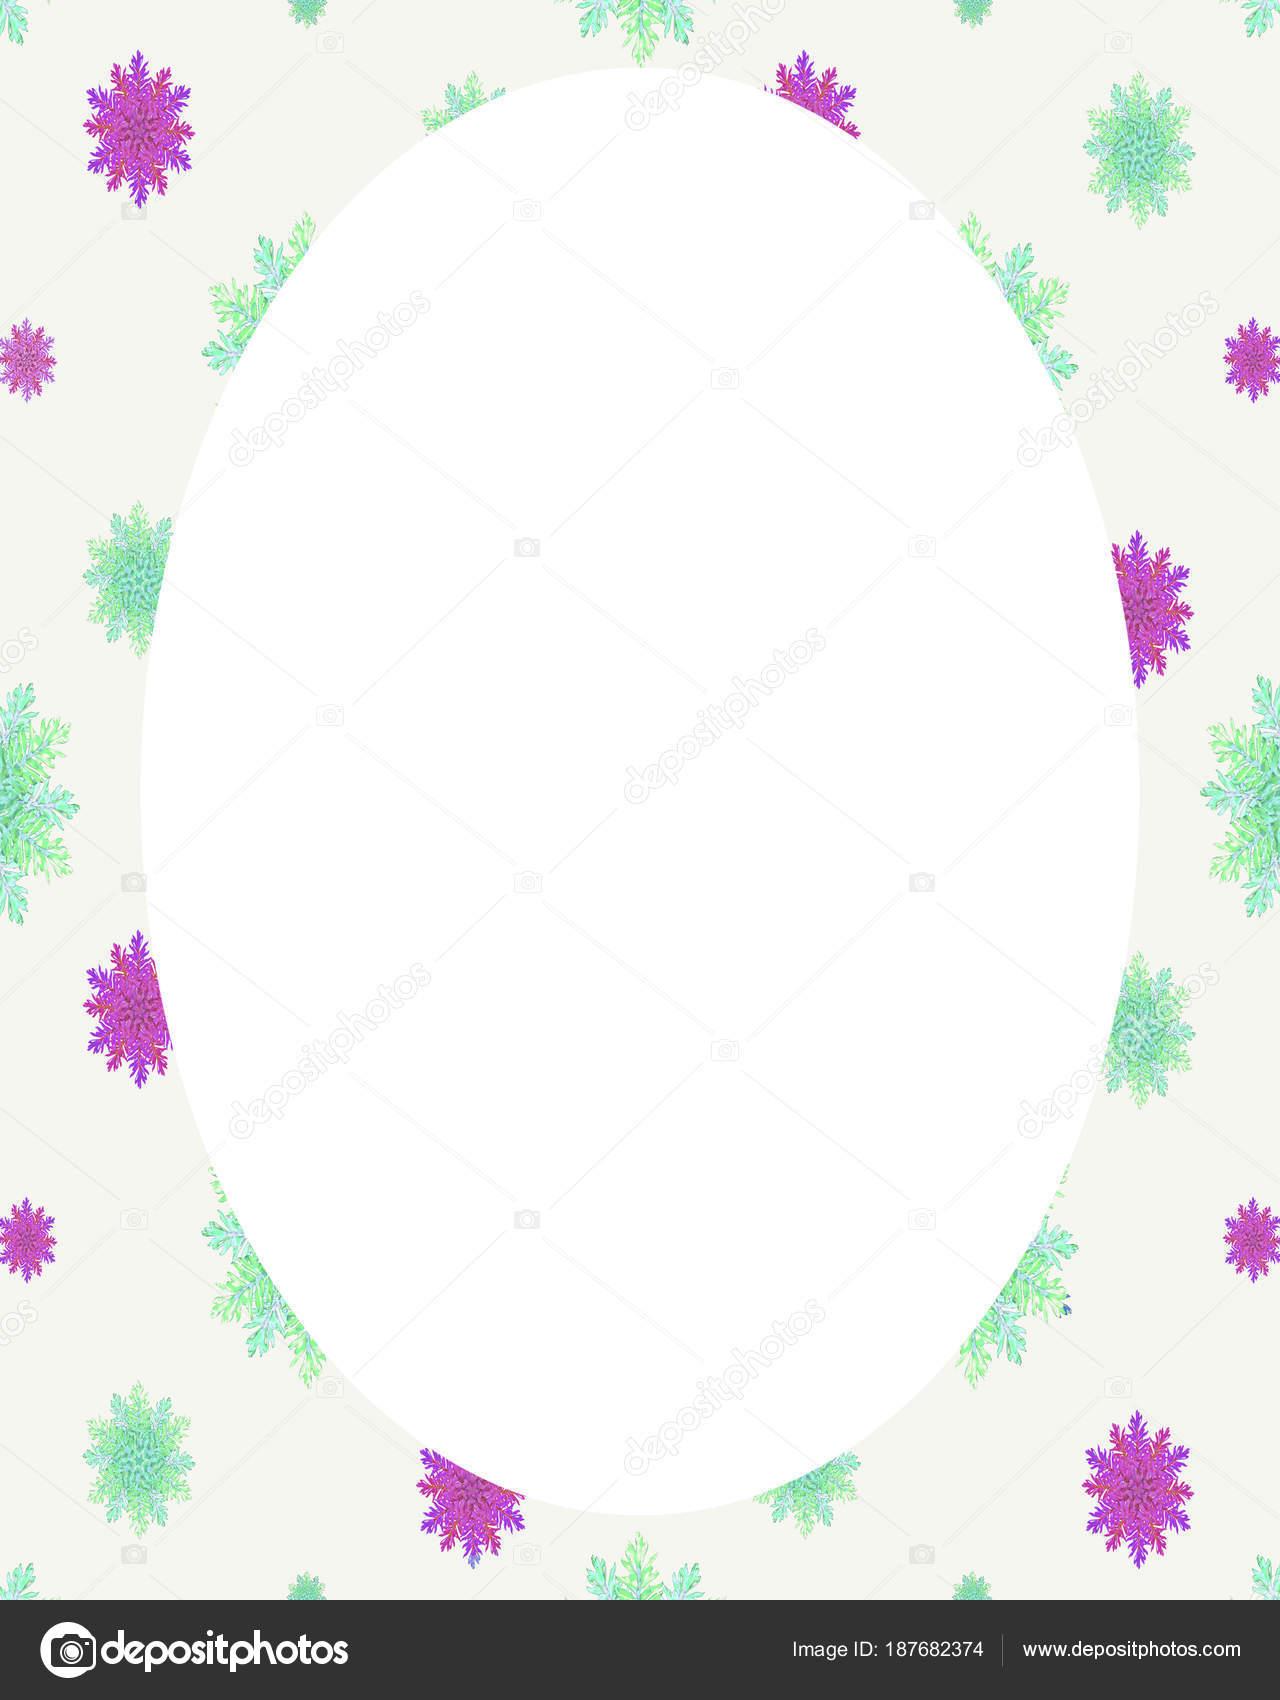 Fondo de marco de círculo con bordes decorados — Foto de stock ...